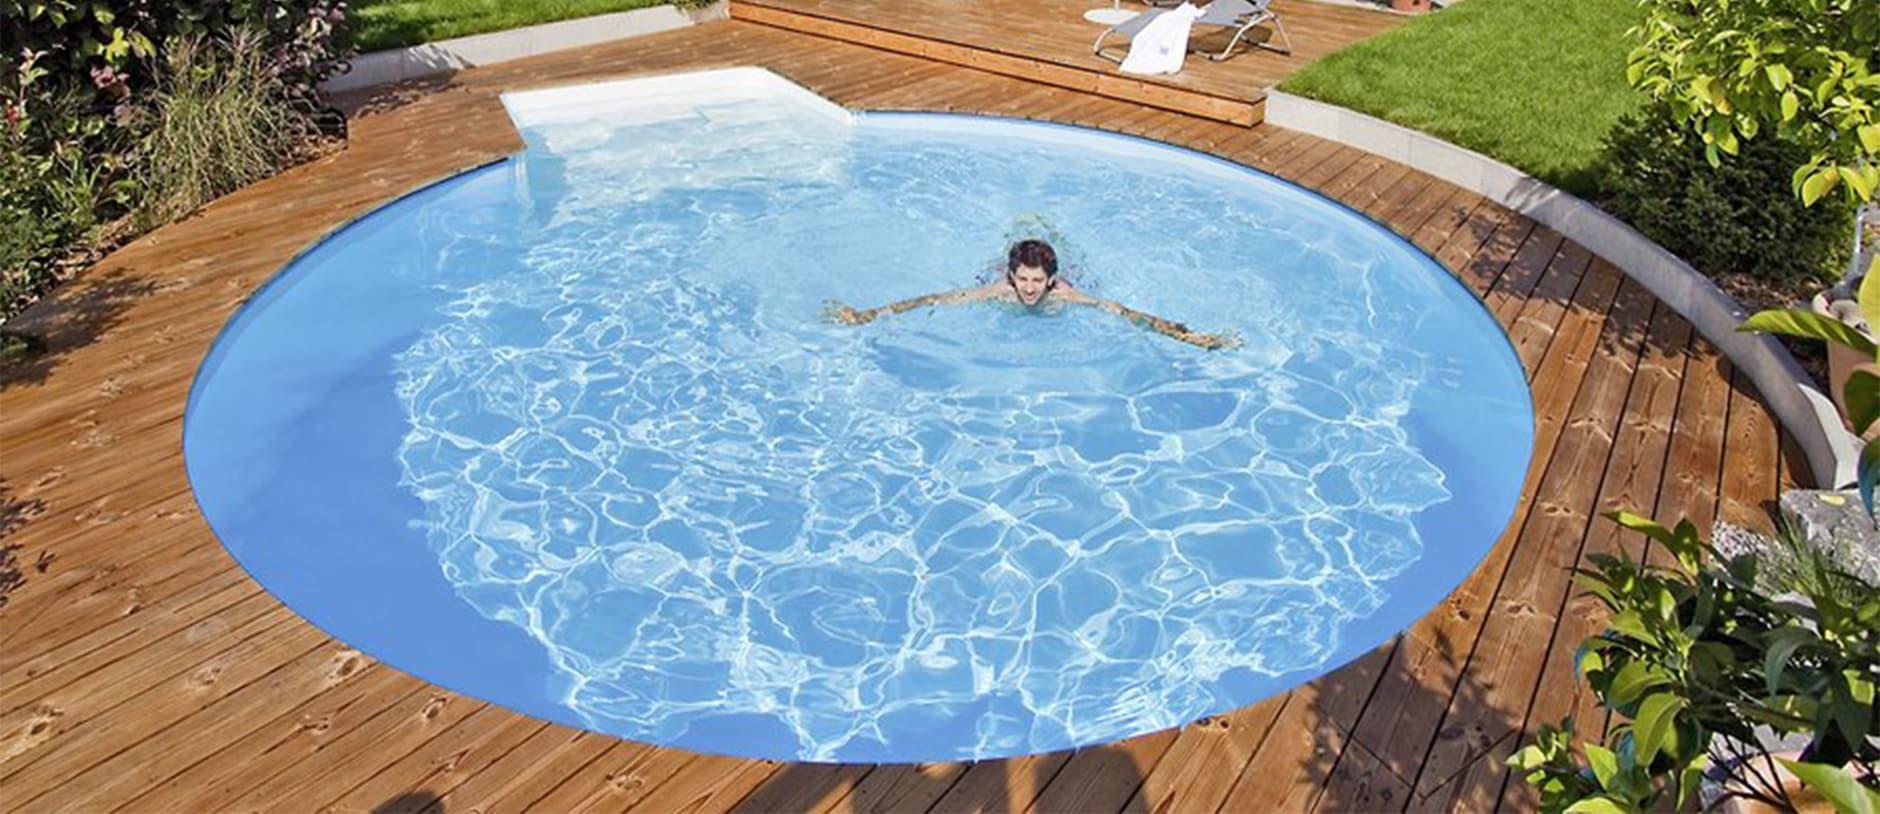 İstanbul Bora Zeminüstü Çelik Havuz Sermed Havuz Firması tarafından yapıldı.